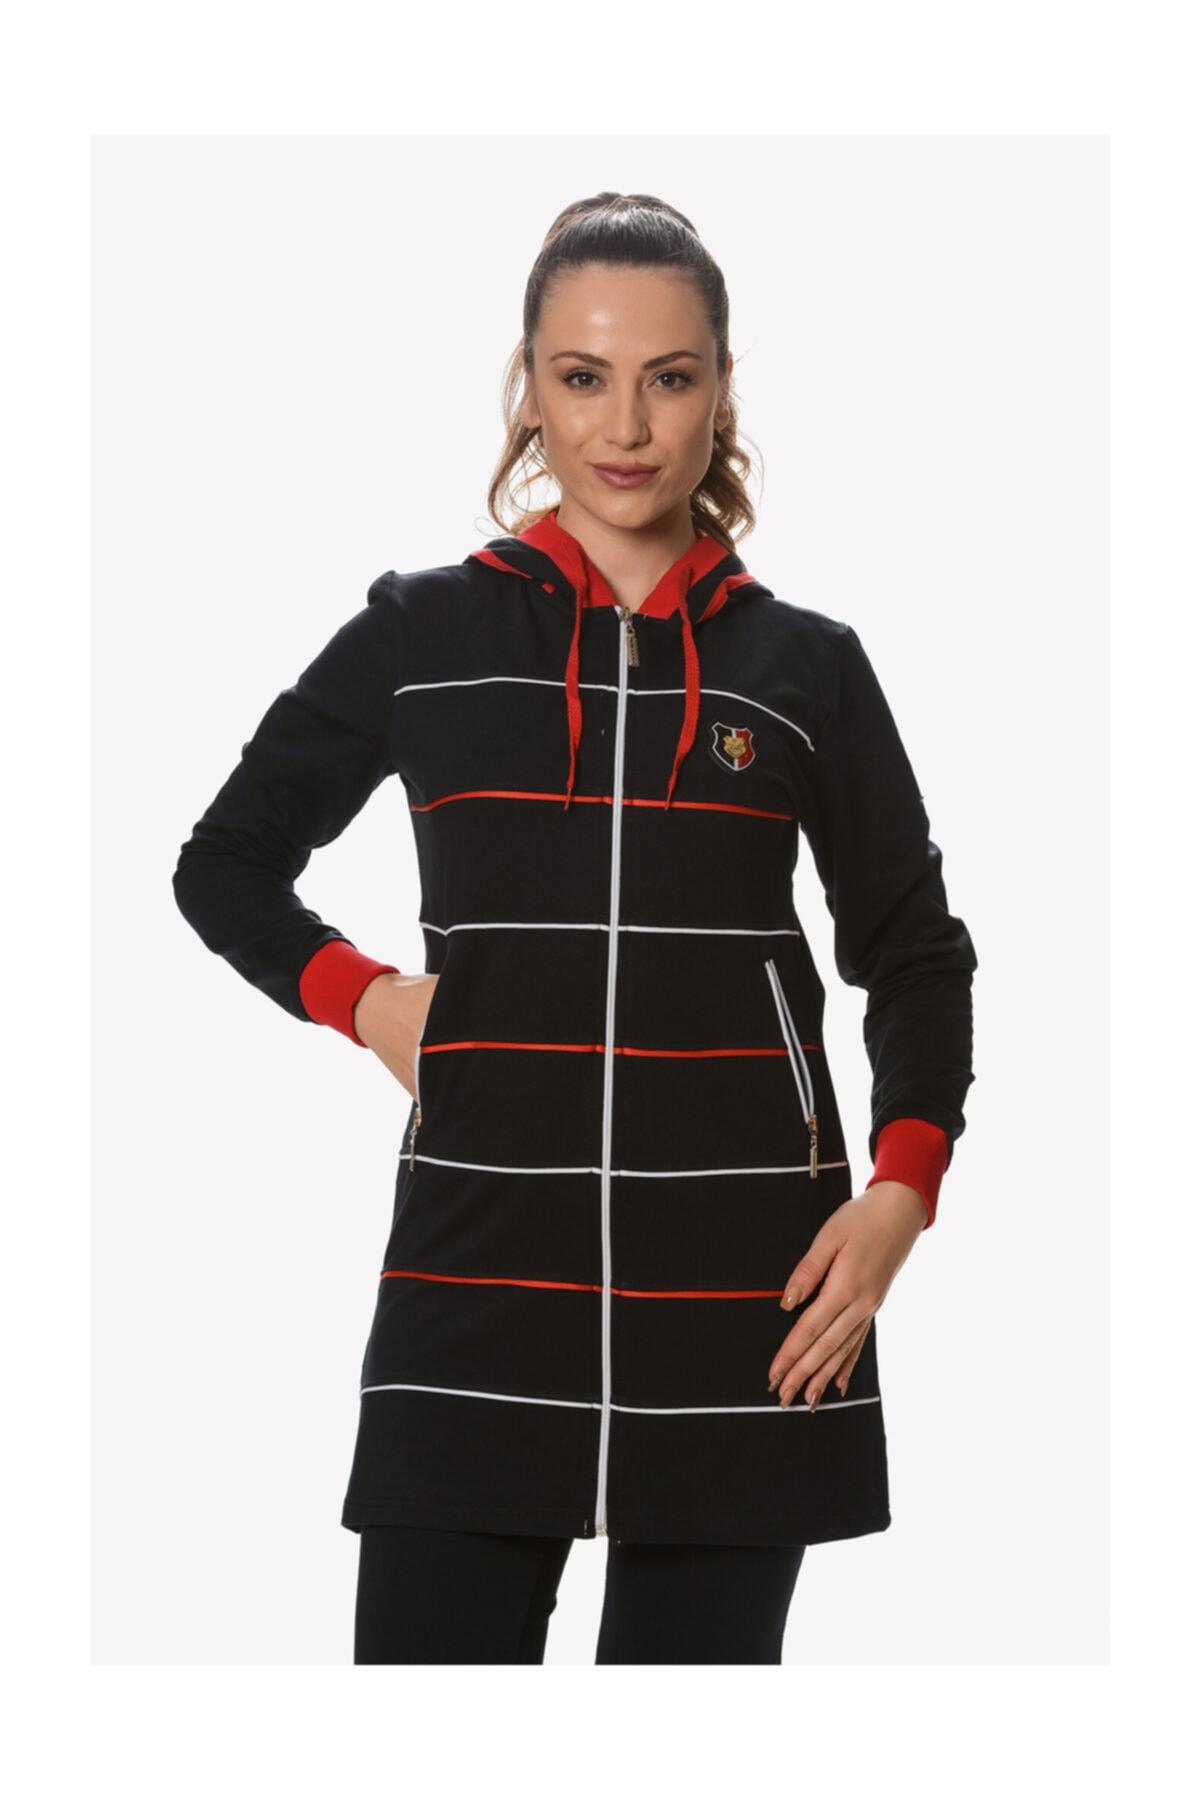 Runever Kadın Tunik Takım 2